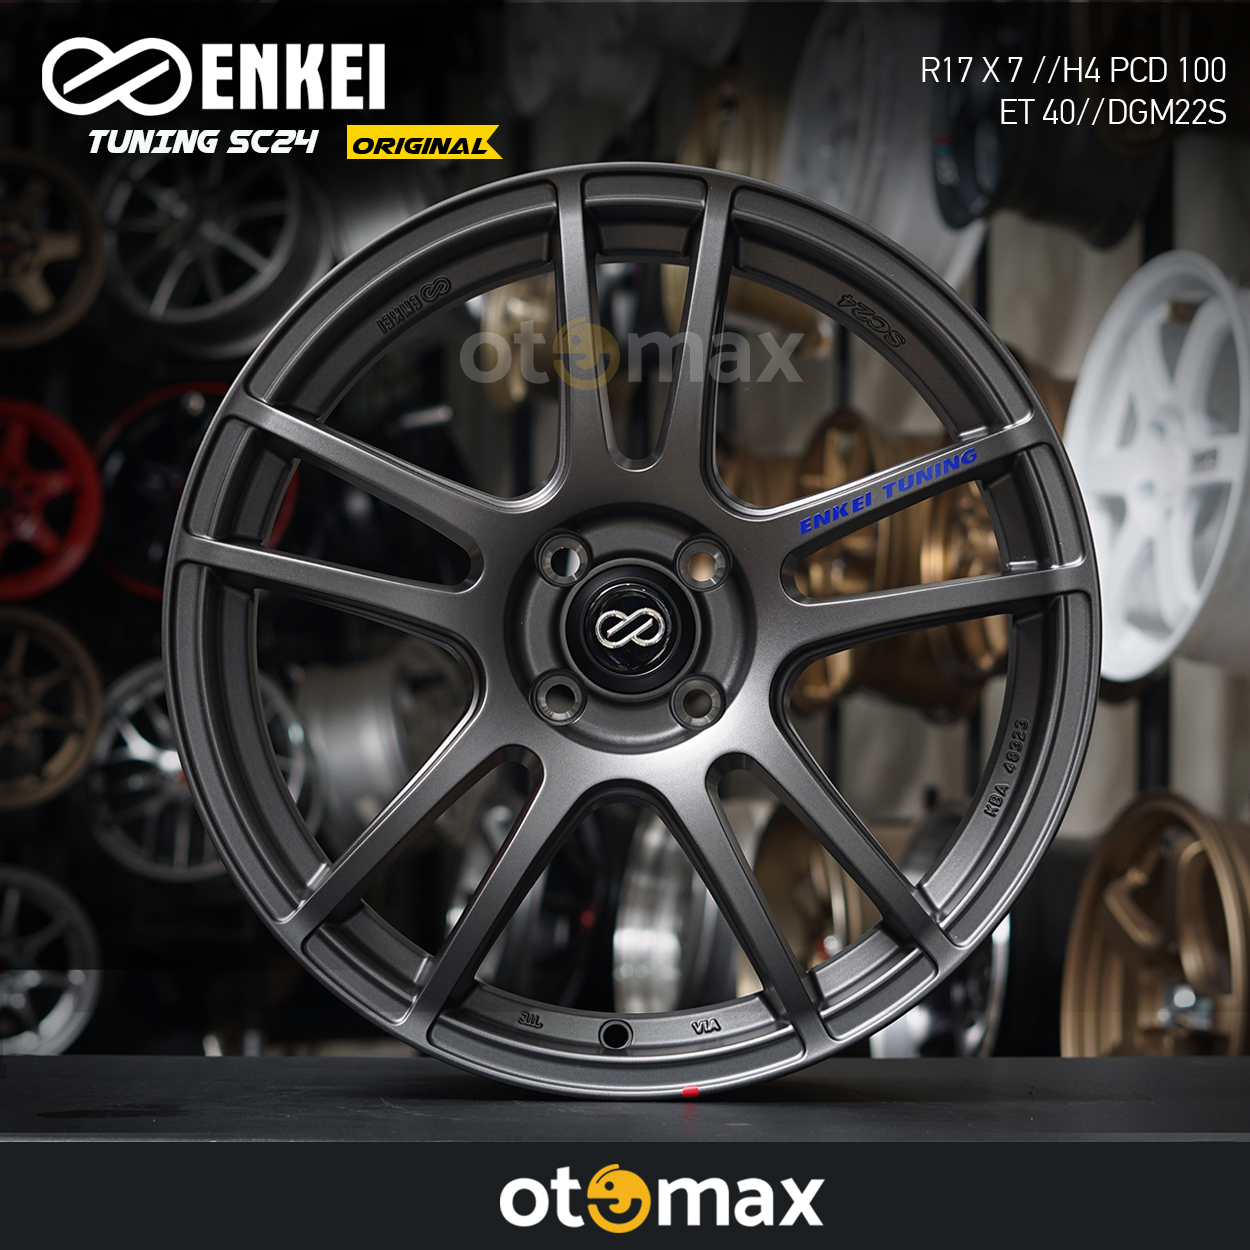 Velg Mobil Enkei Tuning SC24 Original Ring 17 DGM22S